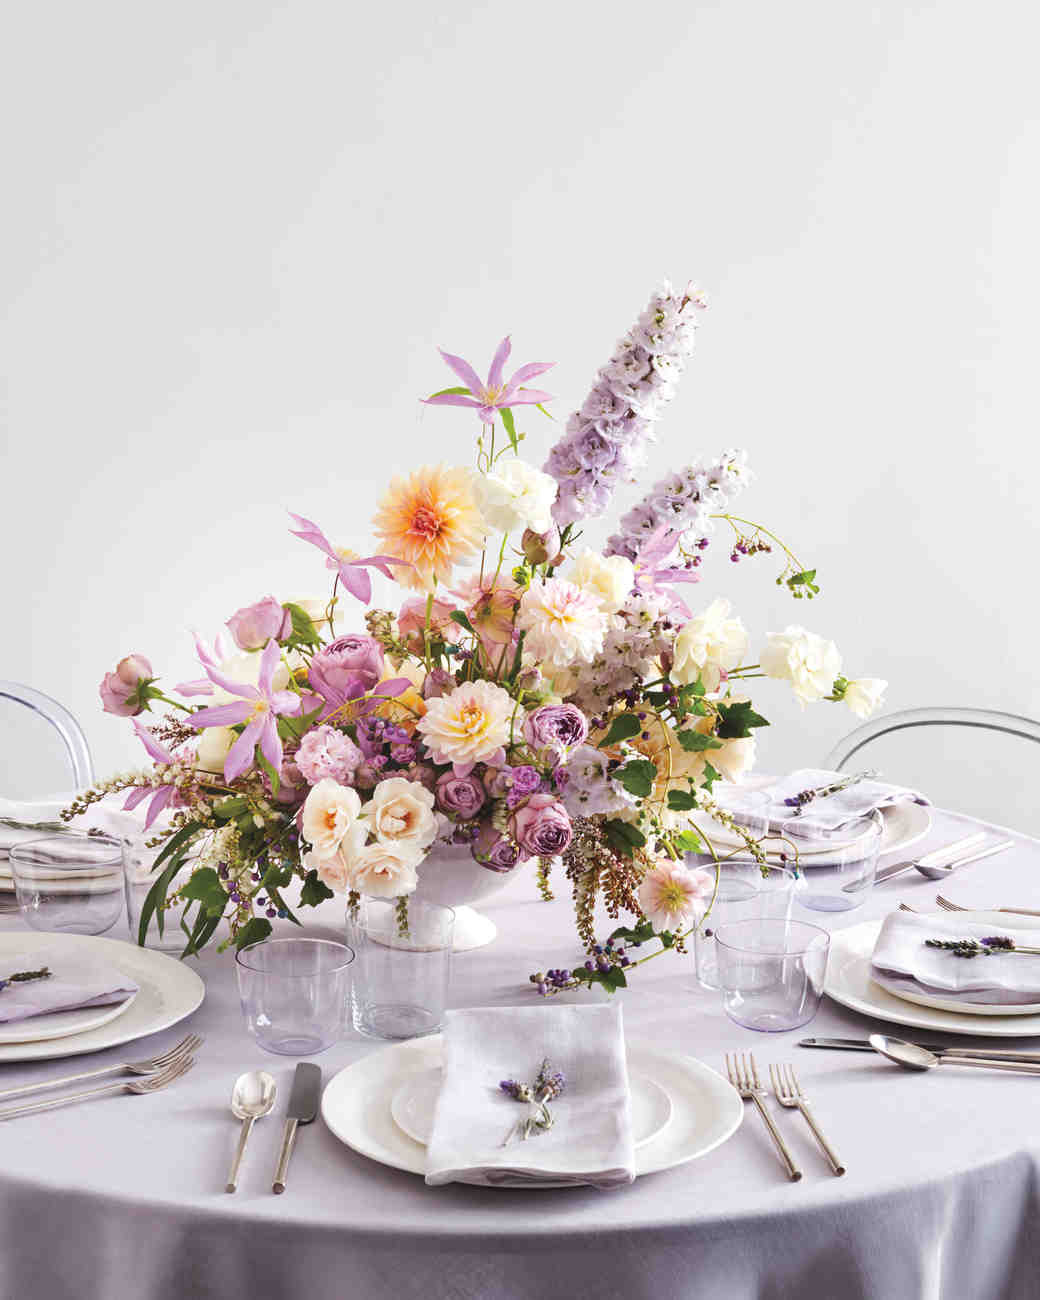 Best ideas about Cheap DIY Wedding Centerpieces . Save or Pin 23 DIY Wedding Centerpieces We Love Now.